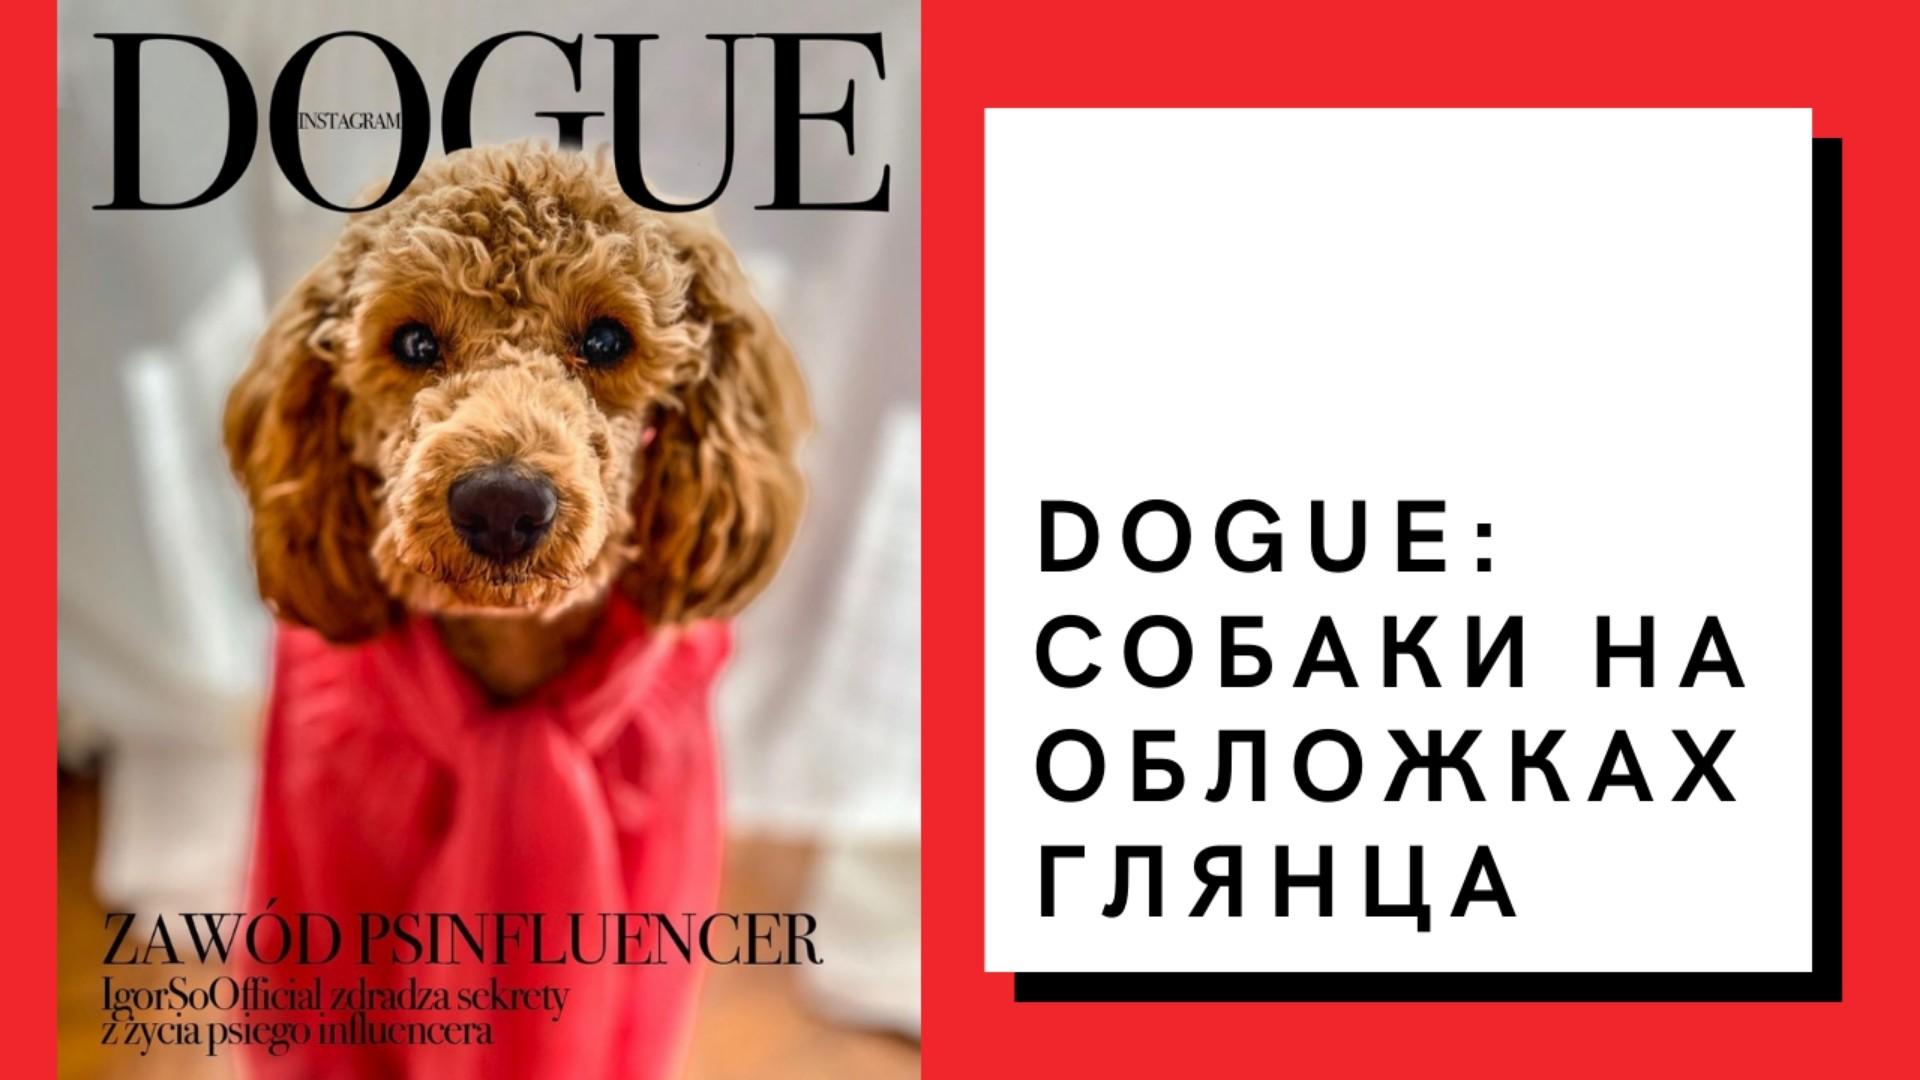 Dogue: собаки на обложках глянца